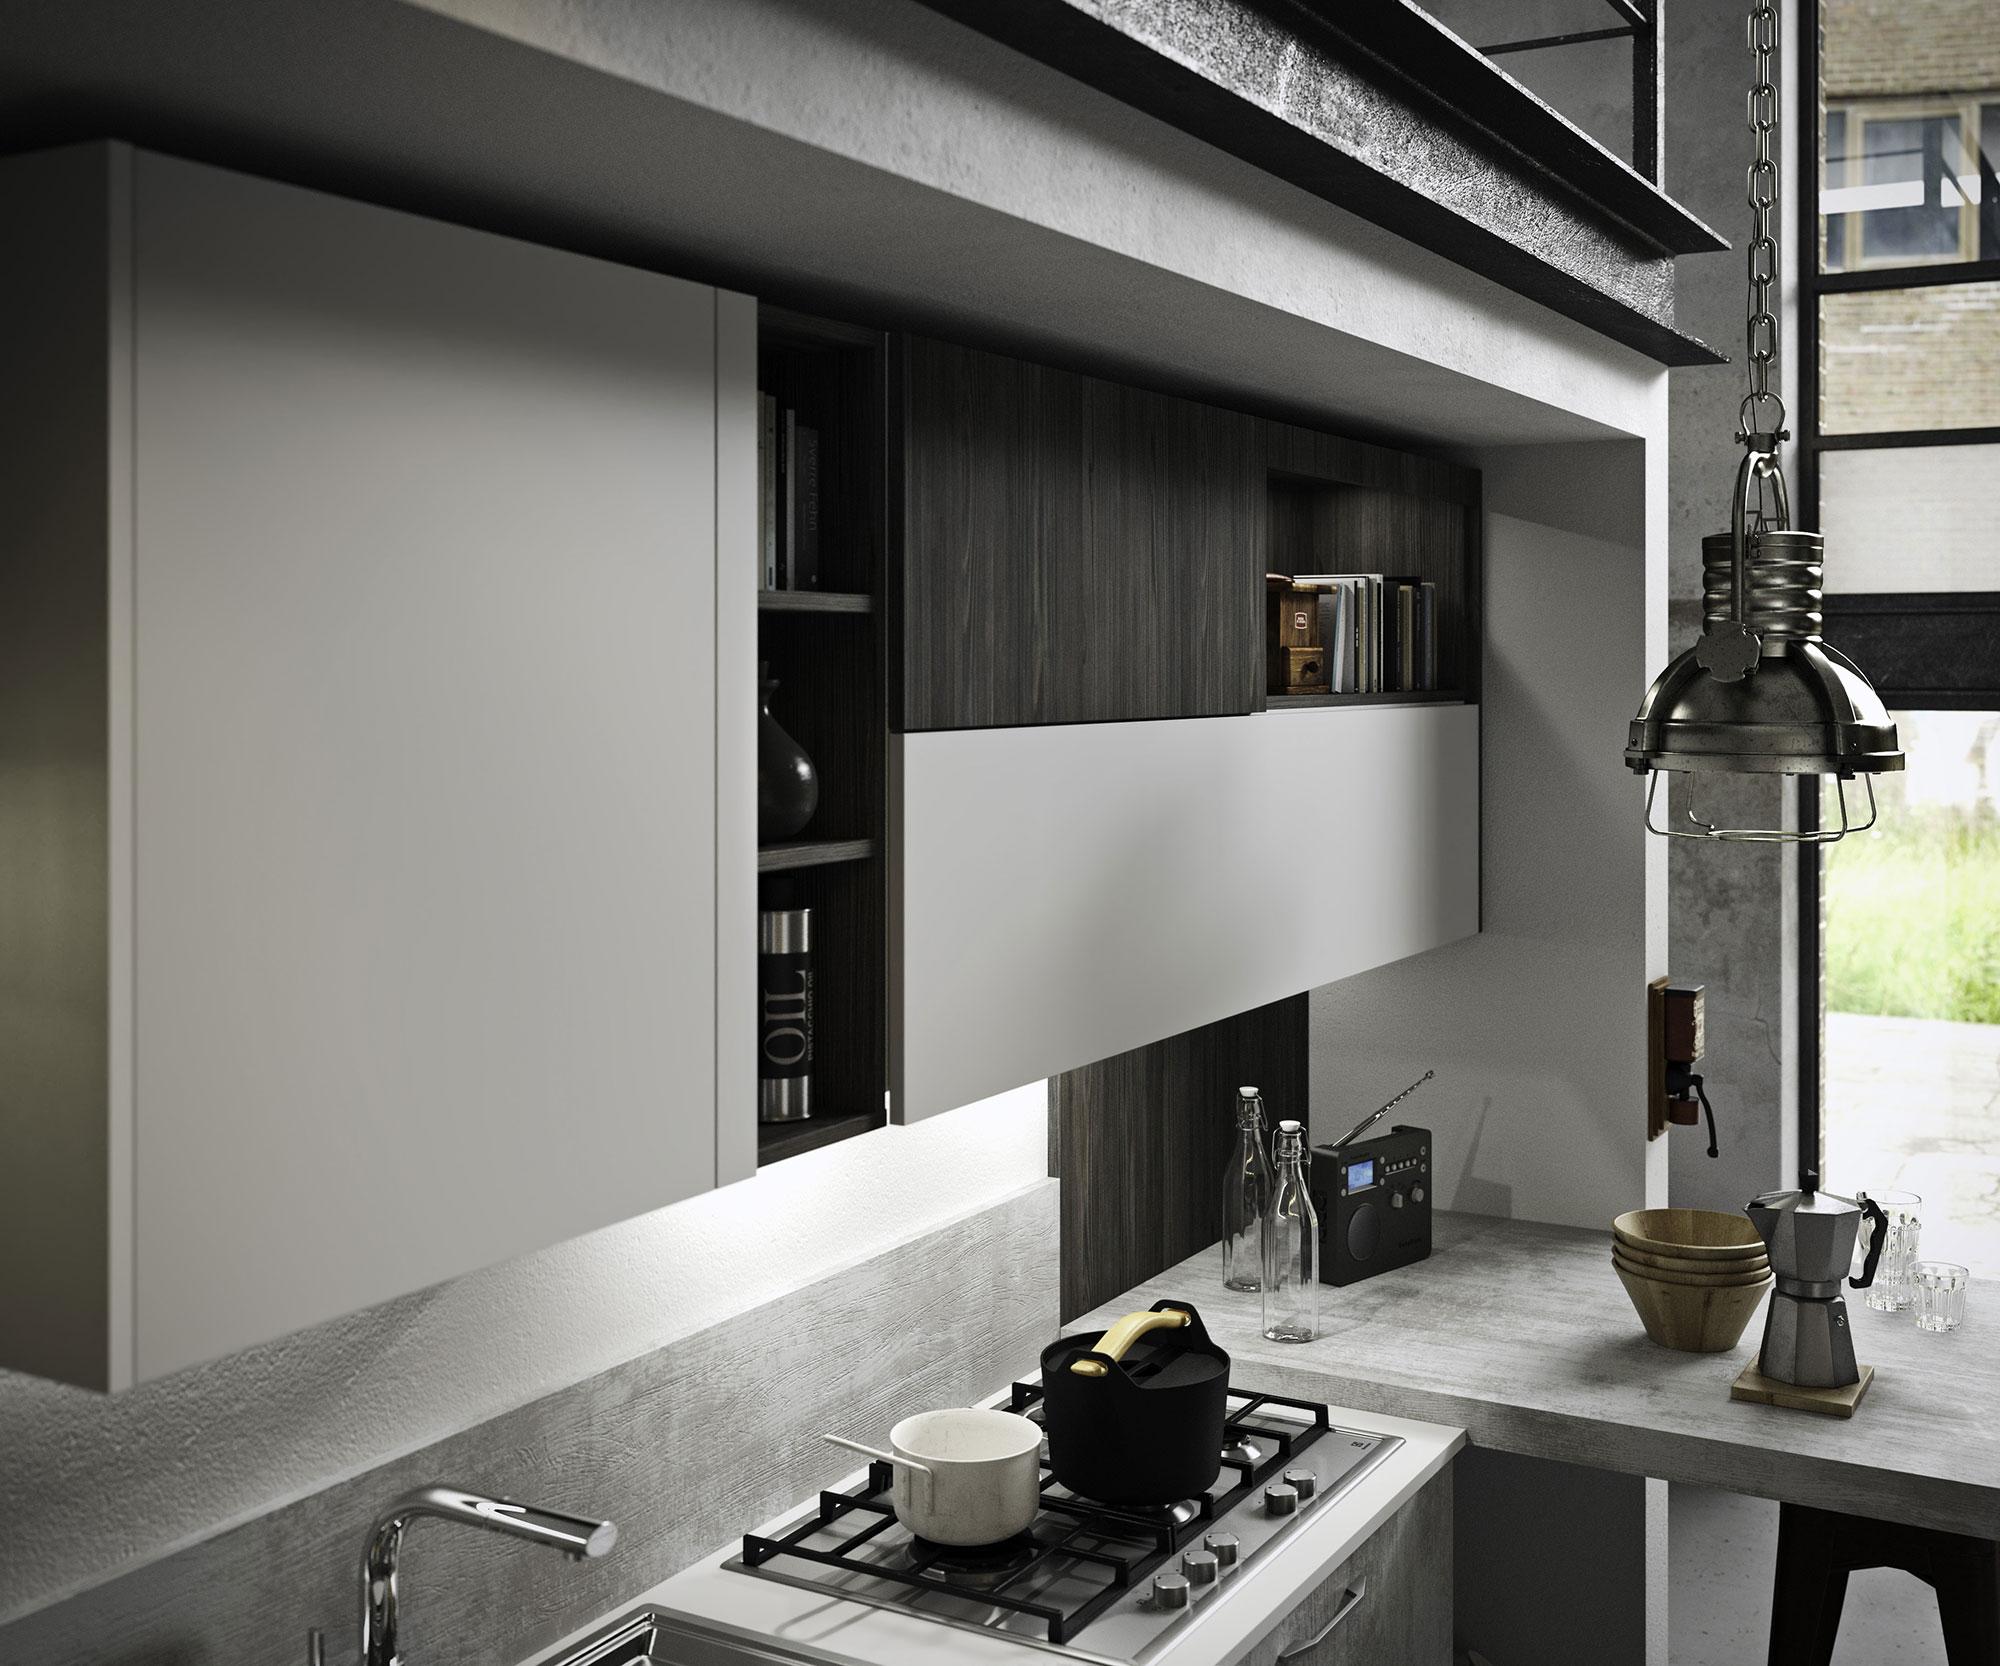 cucine-design-economiche-fun-snaidero-dettaglio-5